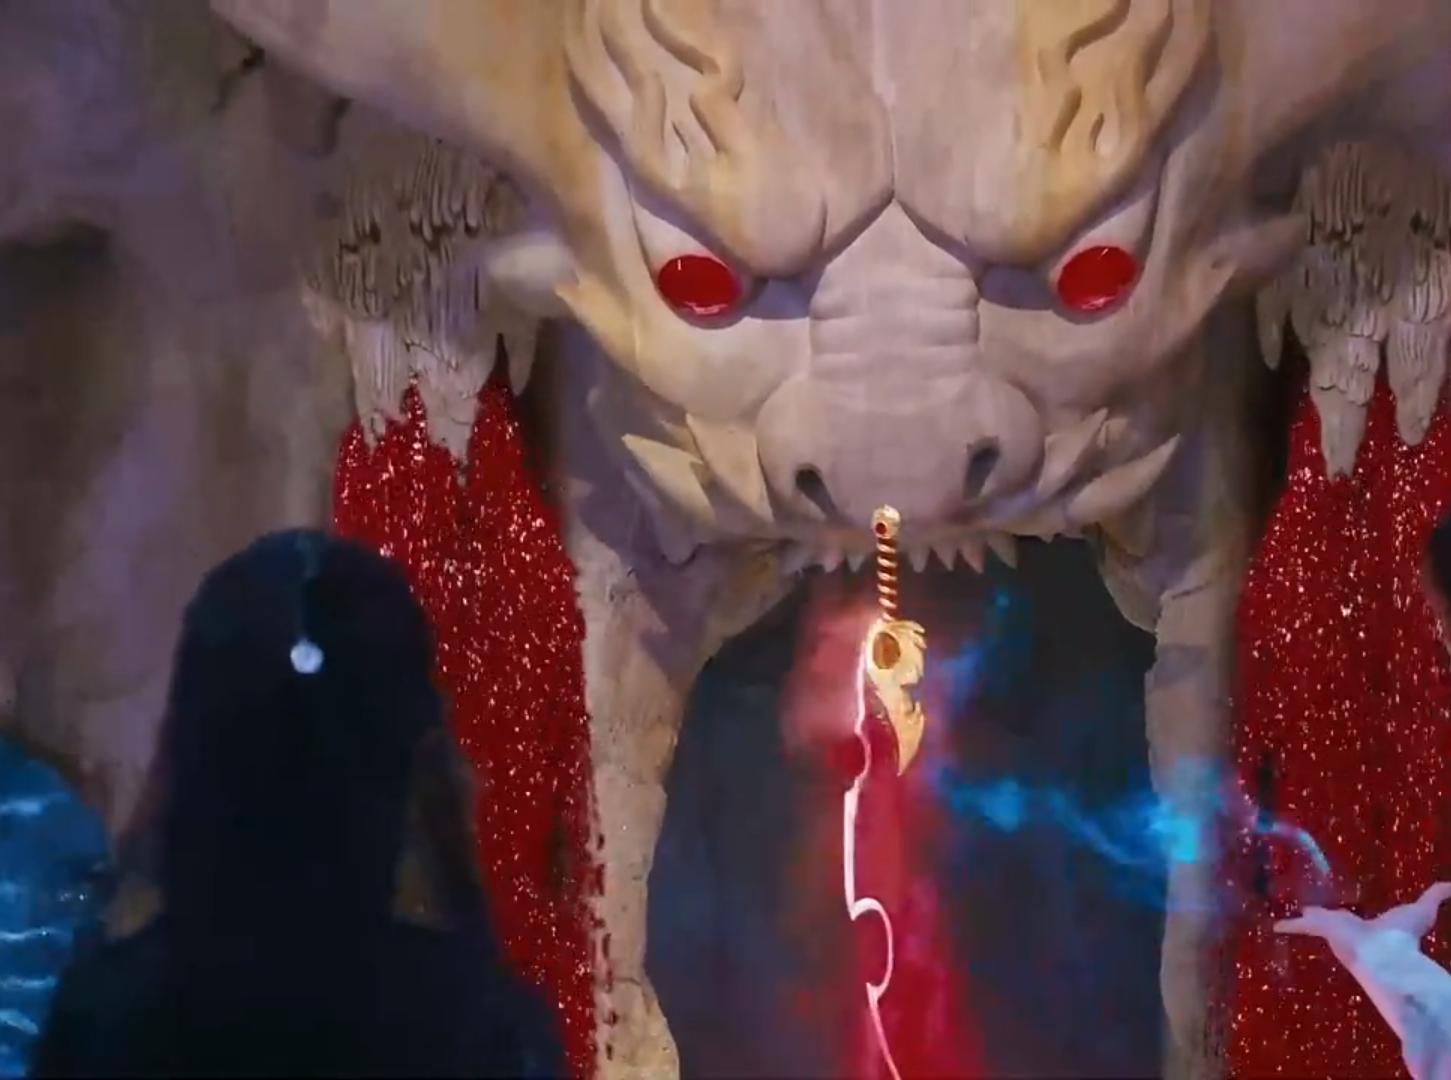 仙侠剧中主角所用的九大神兵,焚寂剑第六,魔剑第三,轩辕剑第一